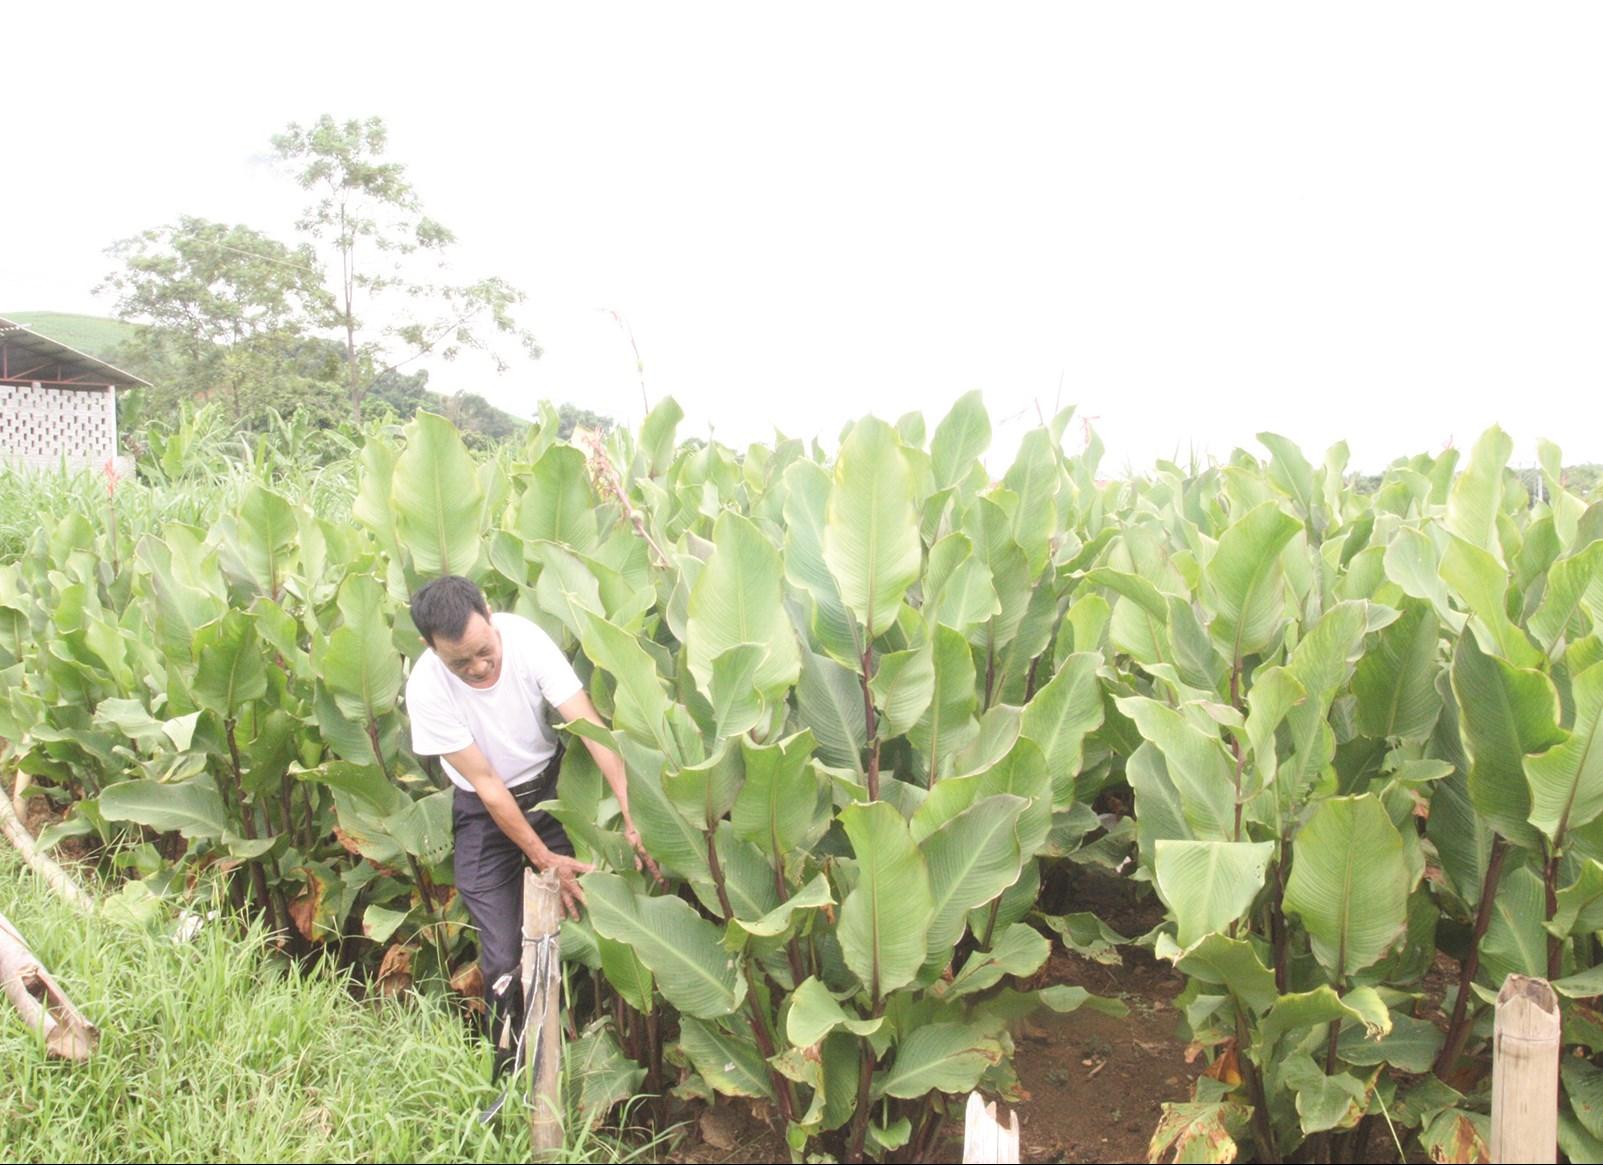 Người dân xã Minh Quang làm giàu từ mô hình trồng cây dong riềng để làm miến